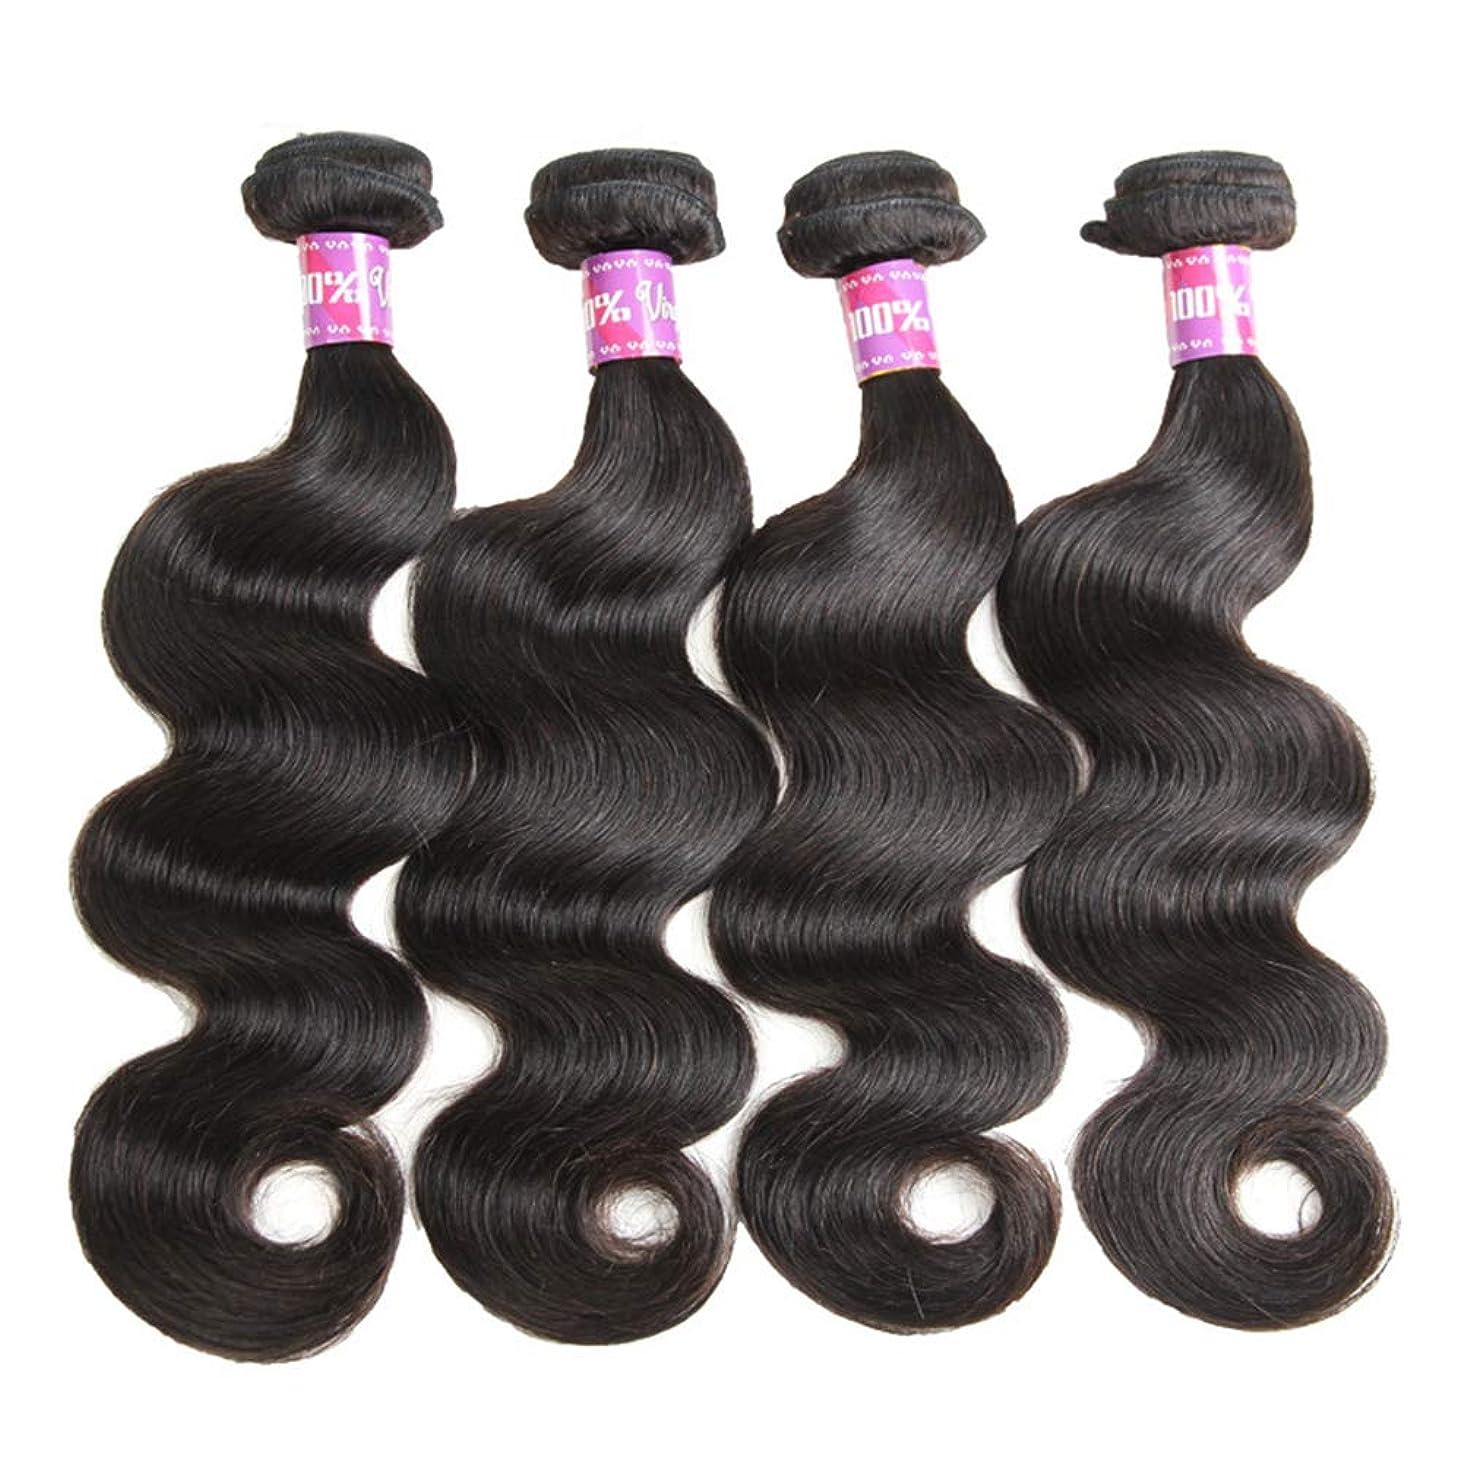 霧請願者教育学女性10Aブラジル人毛束人毛織り人毛束ブラジルのボディウェーブ束(3束)